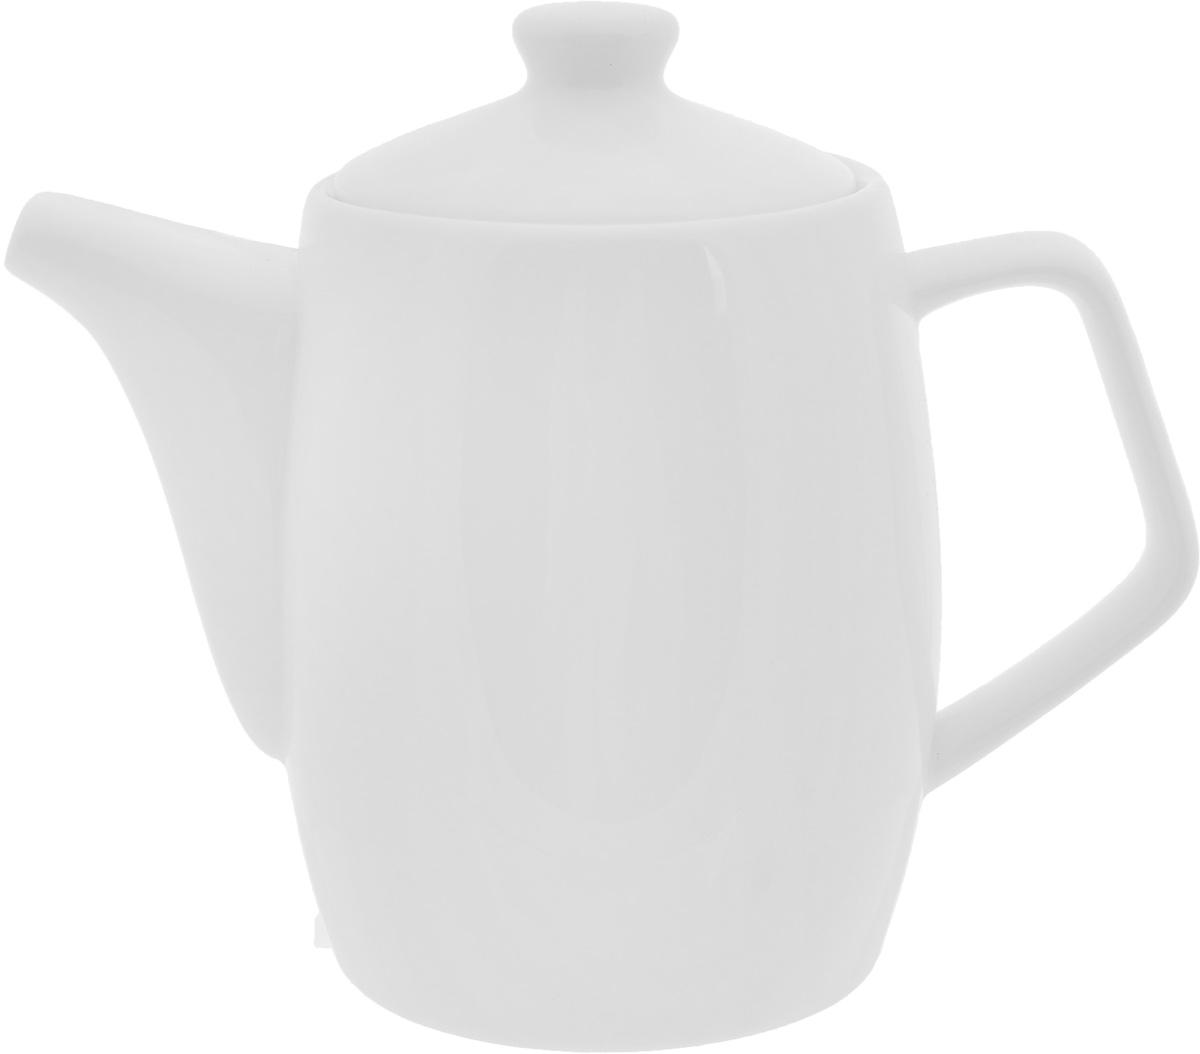 Чайник заварочный Wilmax, 500 млWL-994024 / 1CЗаварочный чайник Wilmax изготовлен из высококачественного фарфора. Глазурованное покрытие обеспечивает легкую очистку. Изделие прекрасно подходит для заваривания вкусного и ароматного чая, а также травяных настоев. Ситечко в основании носика препятствует попаданию чаинок в чашку. Оригинальный дизайн сделает чайник настоящим украшением стола. Он удобен в использовании и понравится каждому. Можно мыть в посудомоечной машине и использовать в микроволновой печи. Диаметр чайника (по верхнему краю): 7,5 см. Высота чайника (без учета крышки): 11 см.